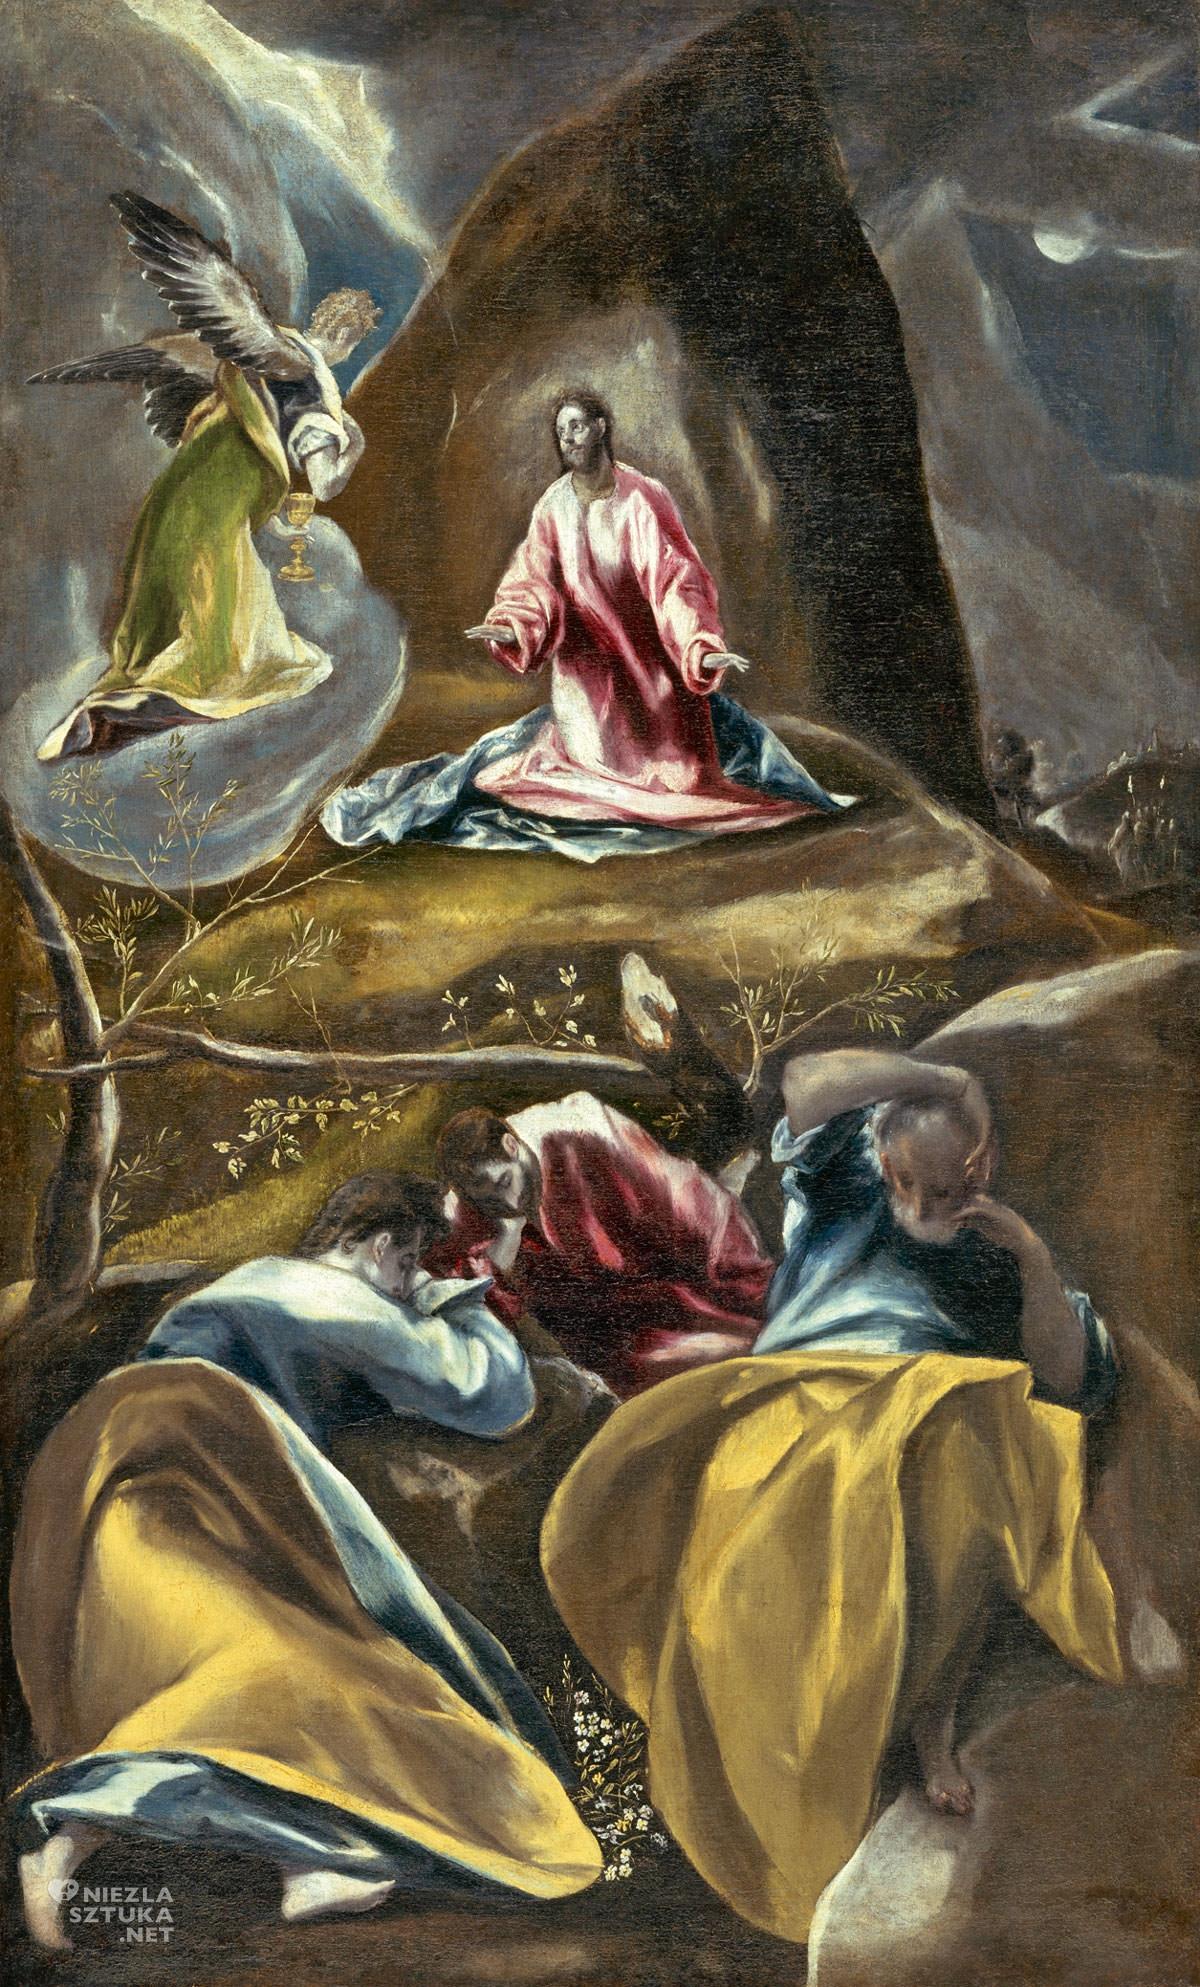 El Greco, Chrystus w Ogrodzie Oliwnym, malarstwo, biblia w malarstwie, Niezła sztuka